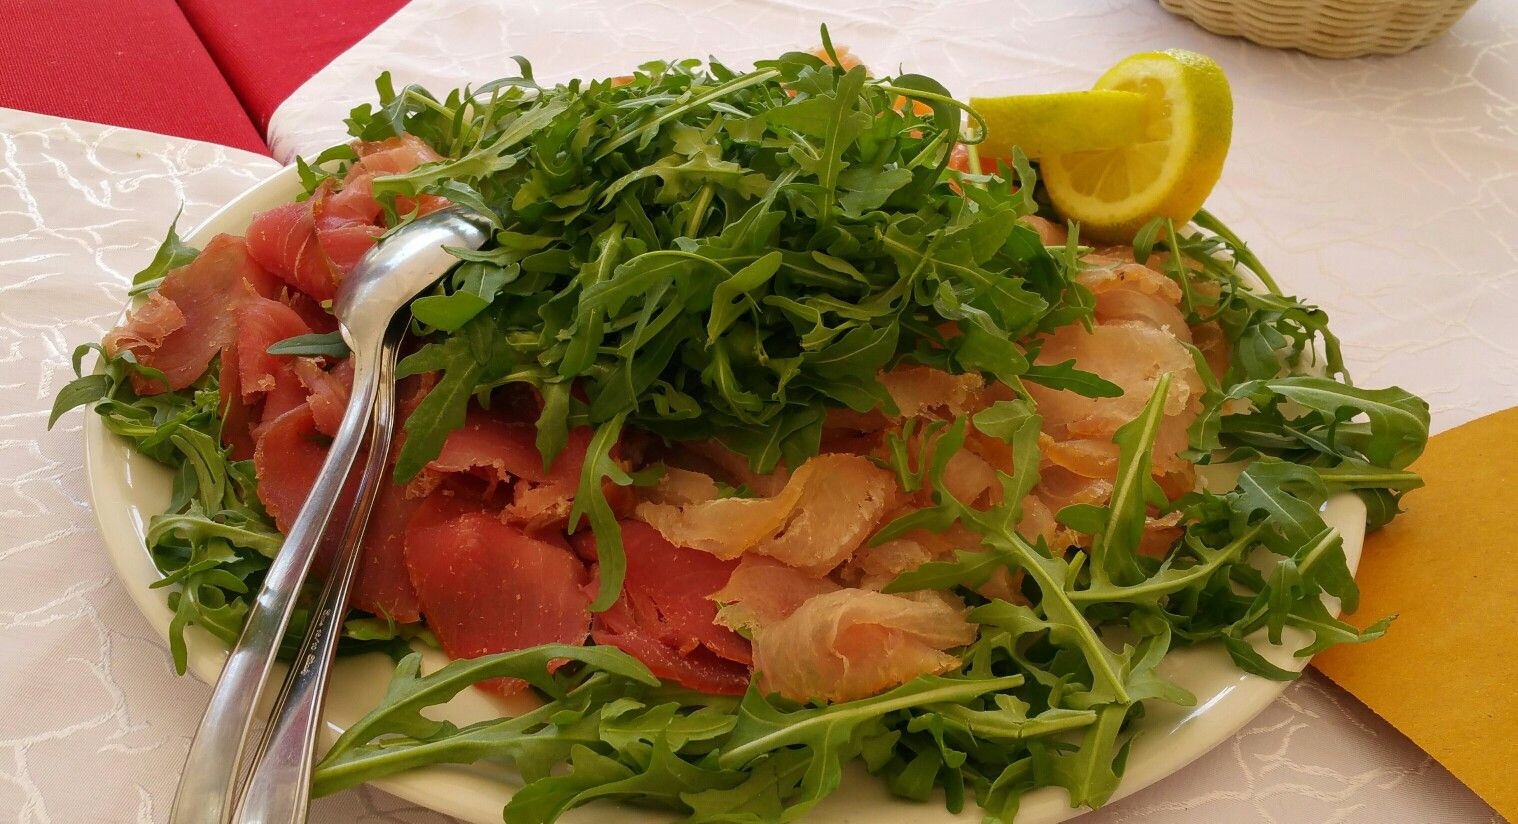 Temperature hot? Idea pranzo: un bel carpaccio fresco di tonno, salmone, pesce spada e baccalà su un letto di rucola. Condire con sale, olio evo, limone e un pizzico di pepe nero.